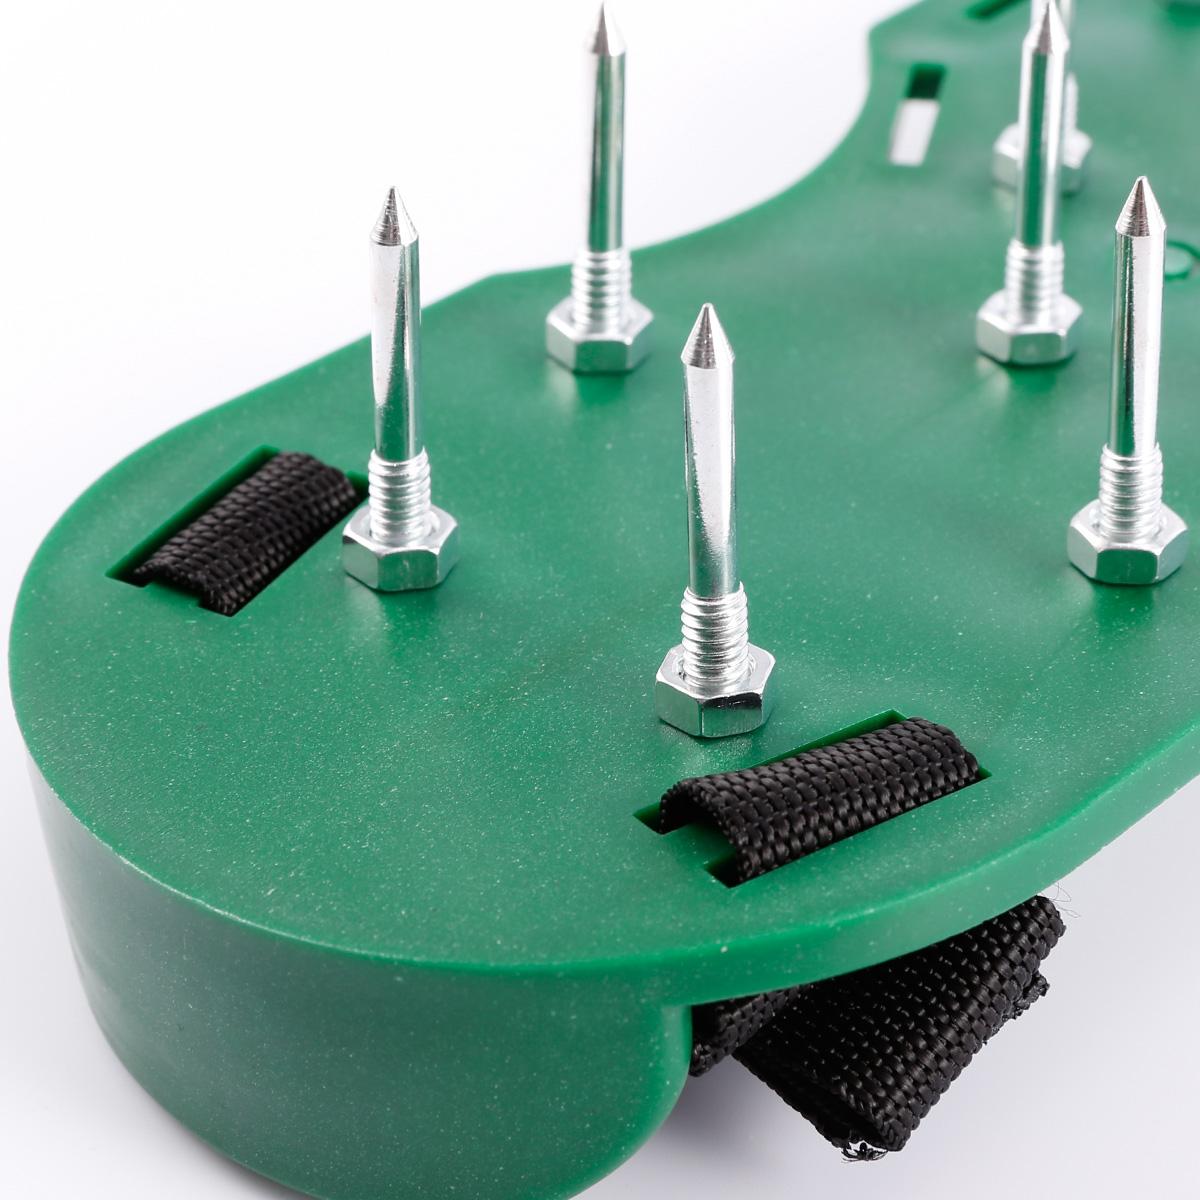 a rateur de pelouse chaussures sandales avec clous pointes. Black Bedroom Furniture Sets. Home Design Ideas